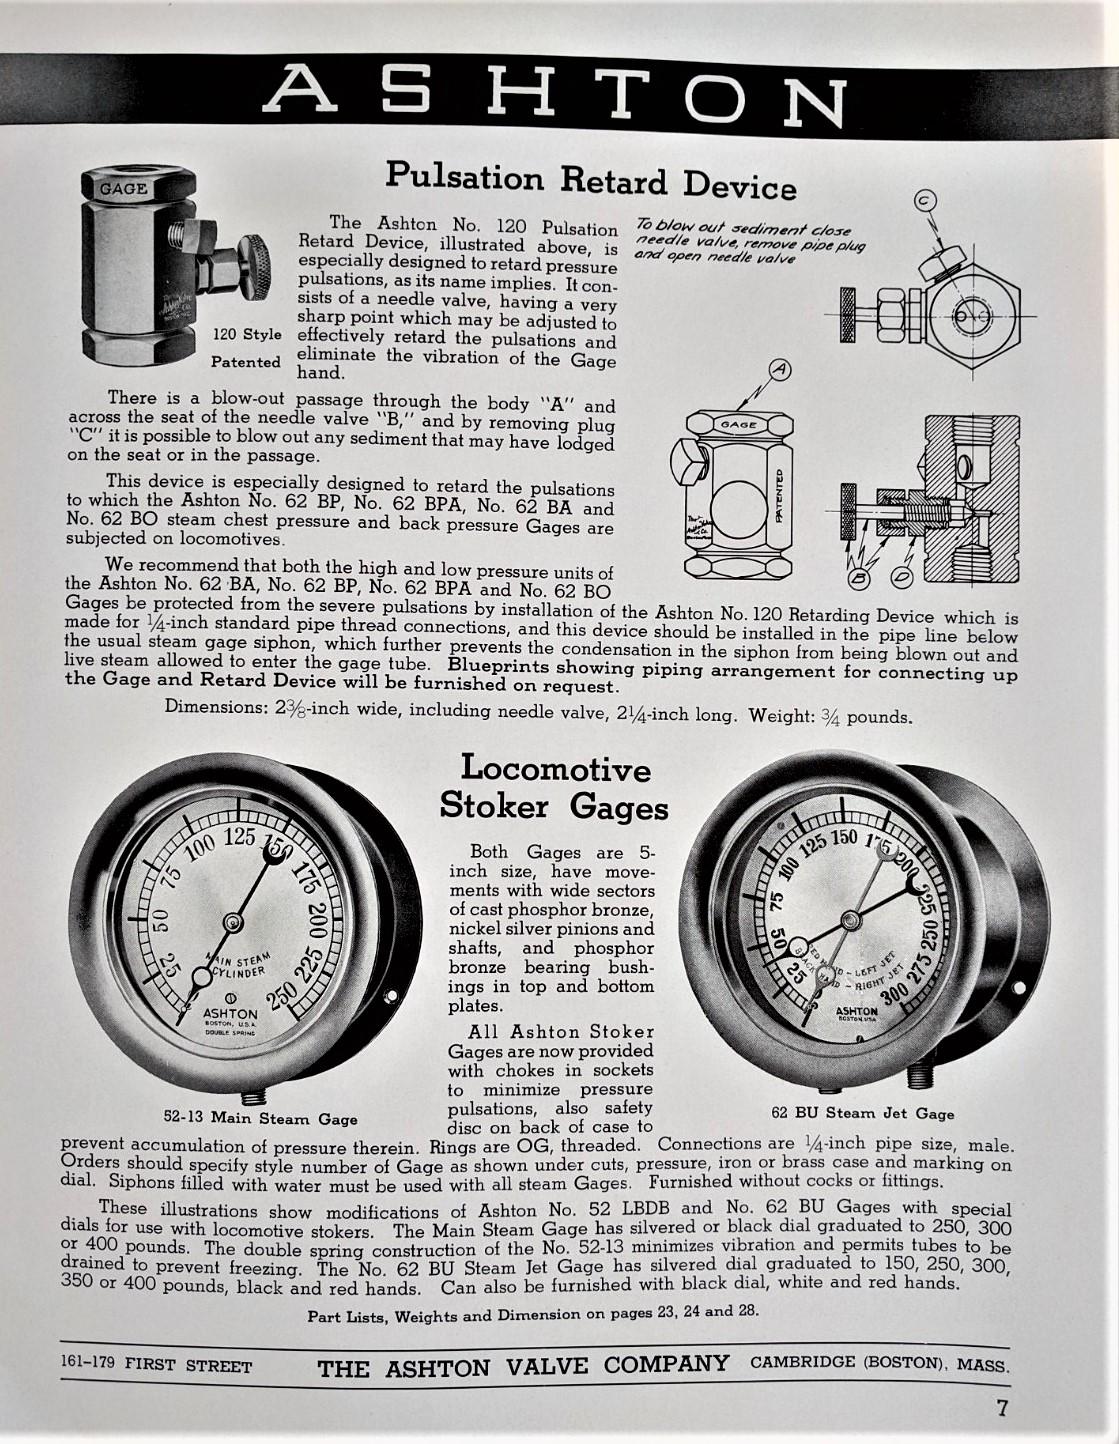 Ashton gage catalog 1941    7.jpg